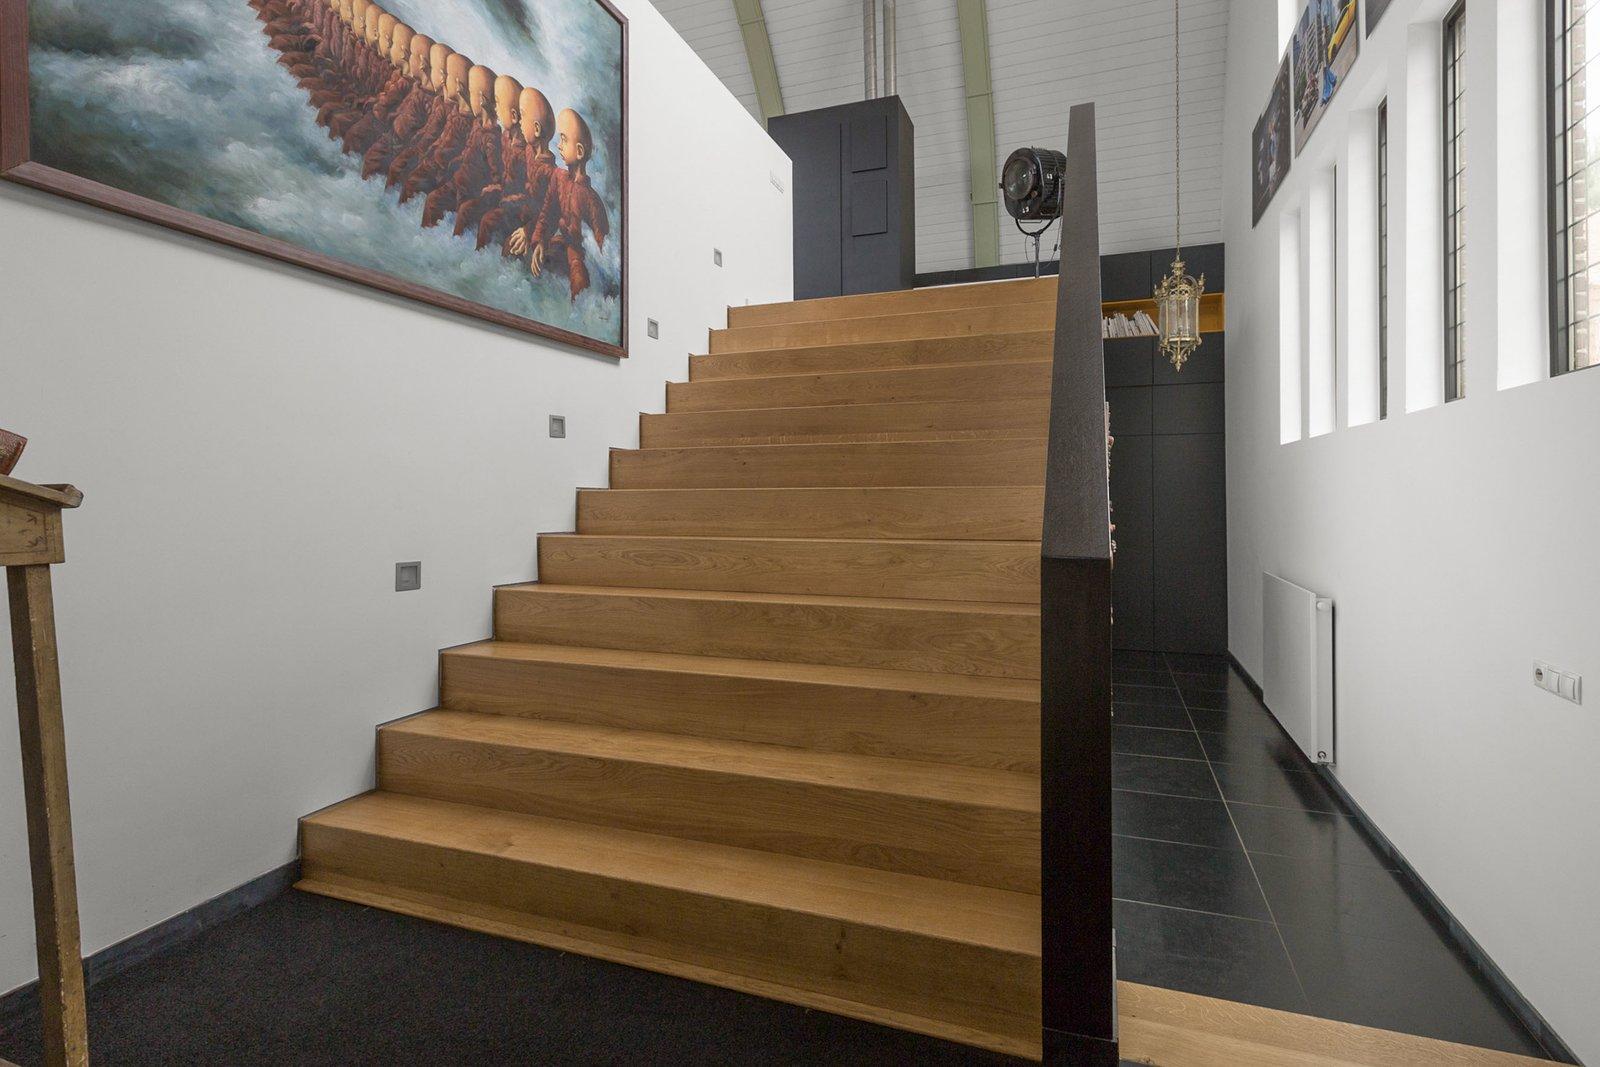 As escadas no interior